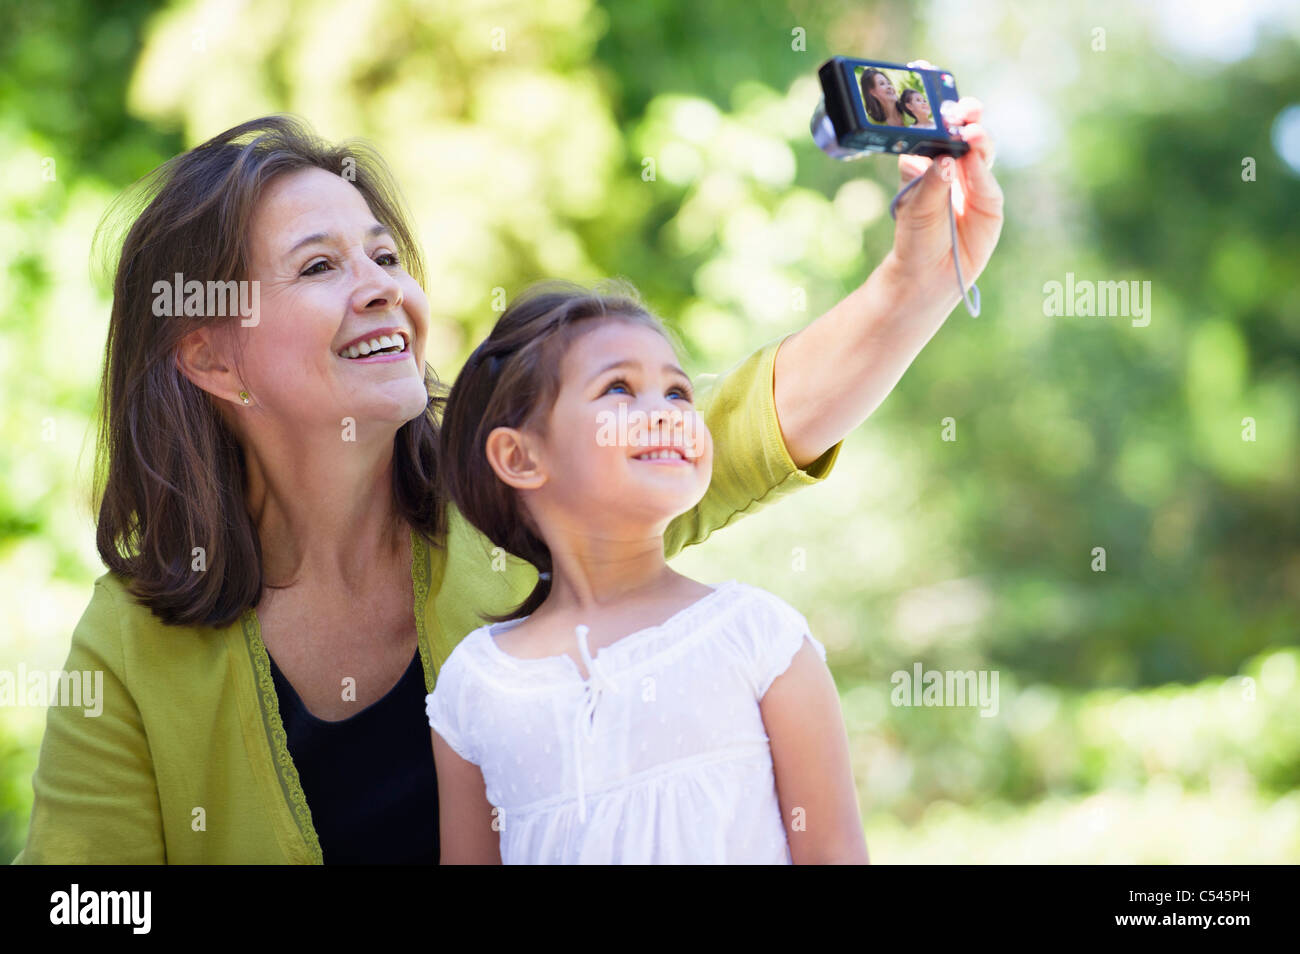 Femme et sa petite-fille à prendre des photos d'eux-mêmes Photo Stock